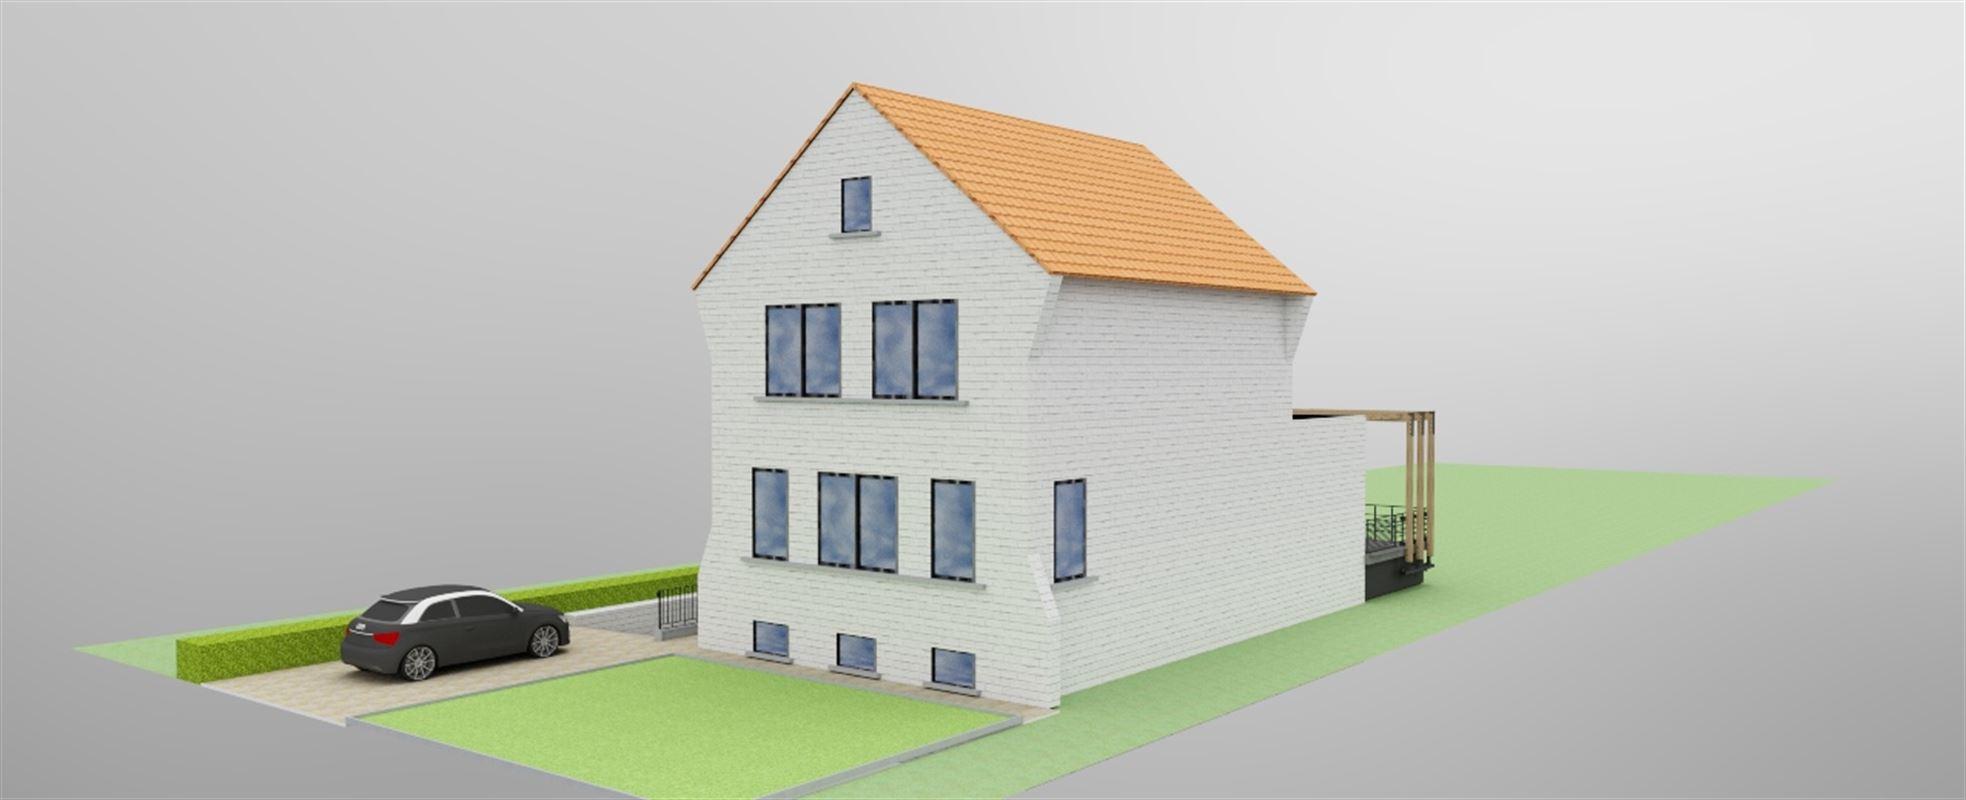 Foto 31 : Huis te 3800 SINT-TRUIDEN (België) - Prijs € 349.000